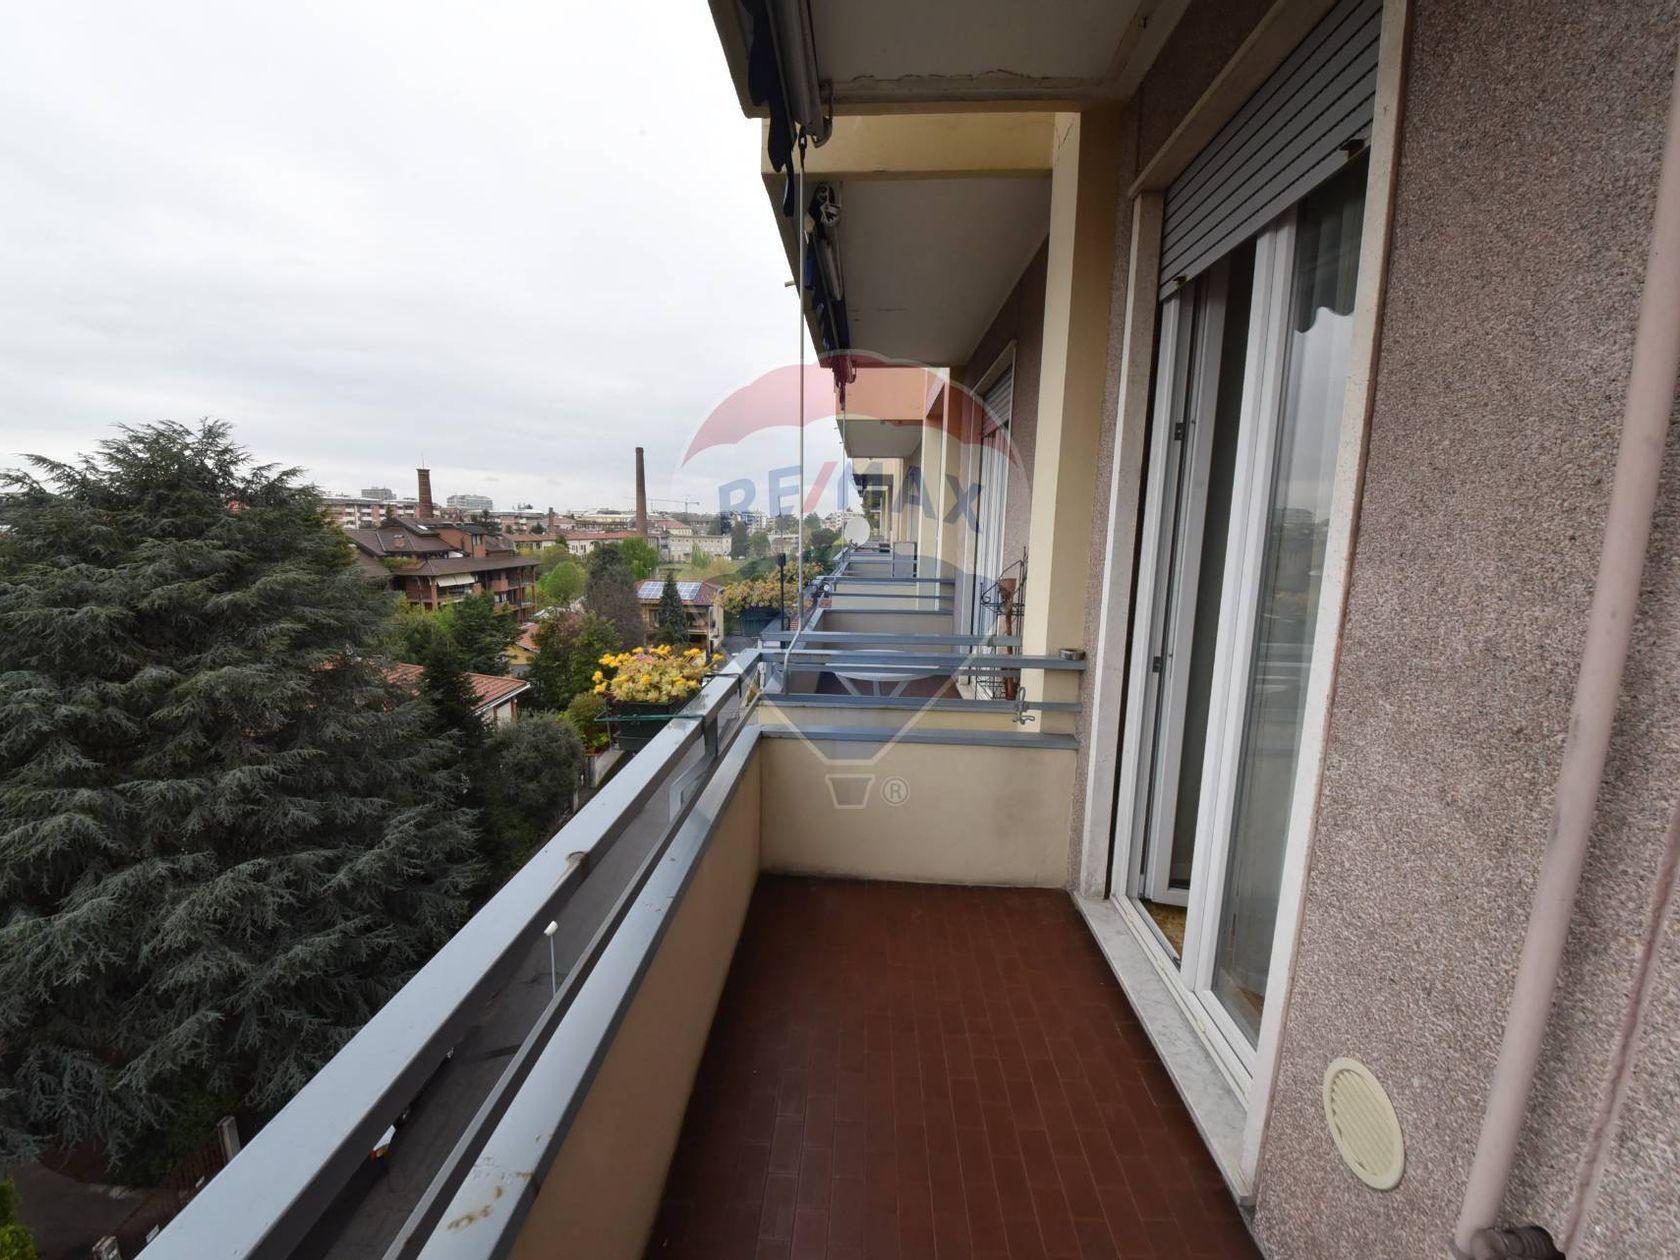 Appartamento Frati, Busto Arsizio, VA Vendita - Foto 16